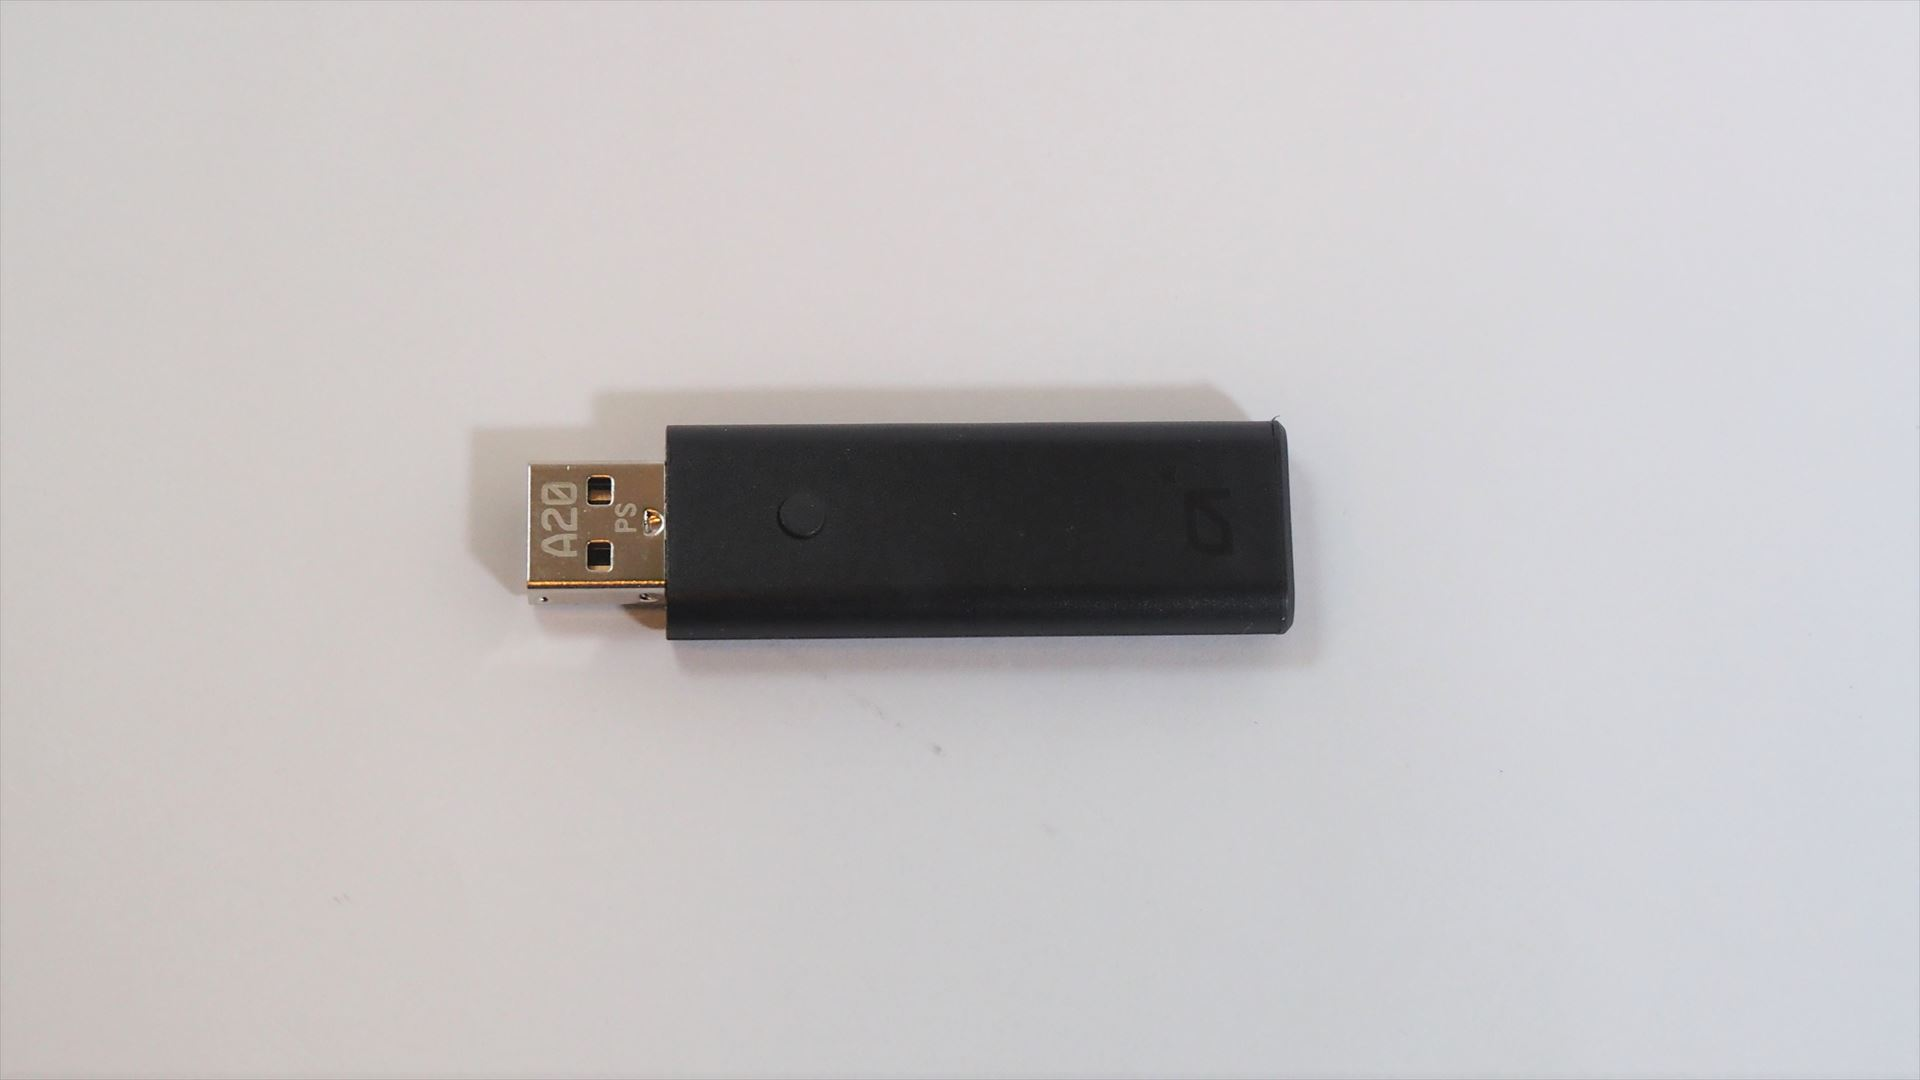 USBトランスミッター。モードを切り替えるためのマルチファンクションボタンが用意されている